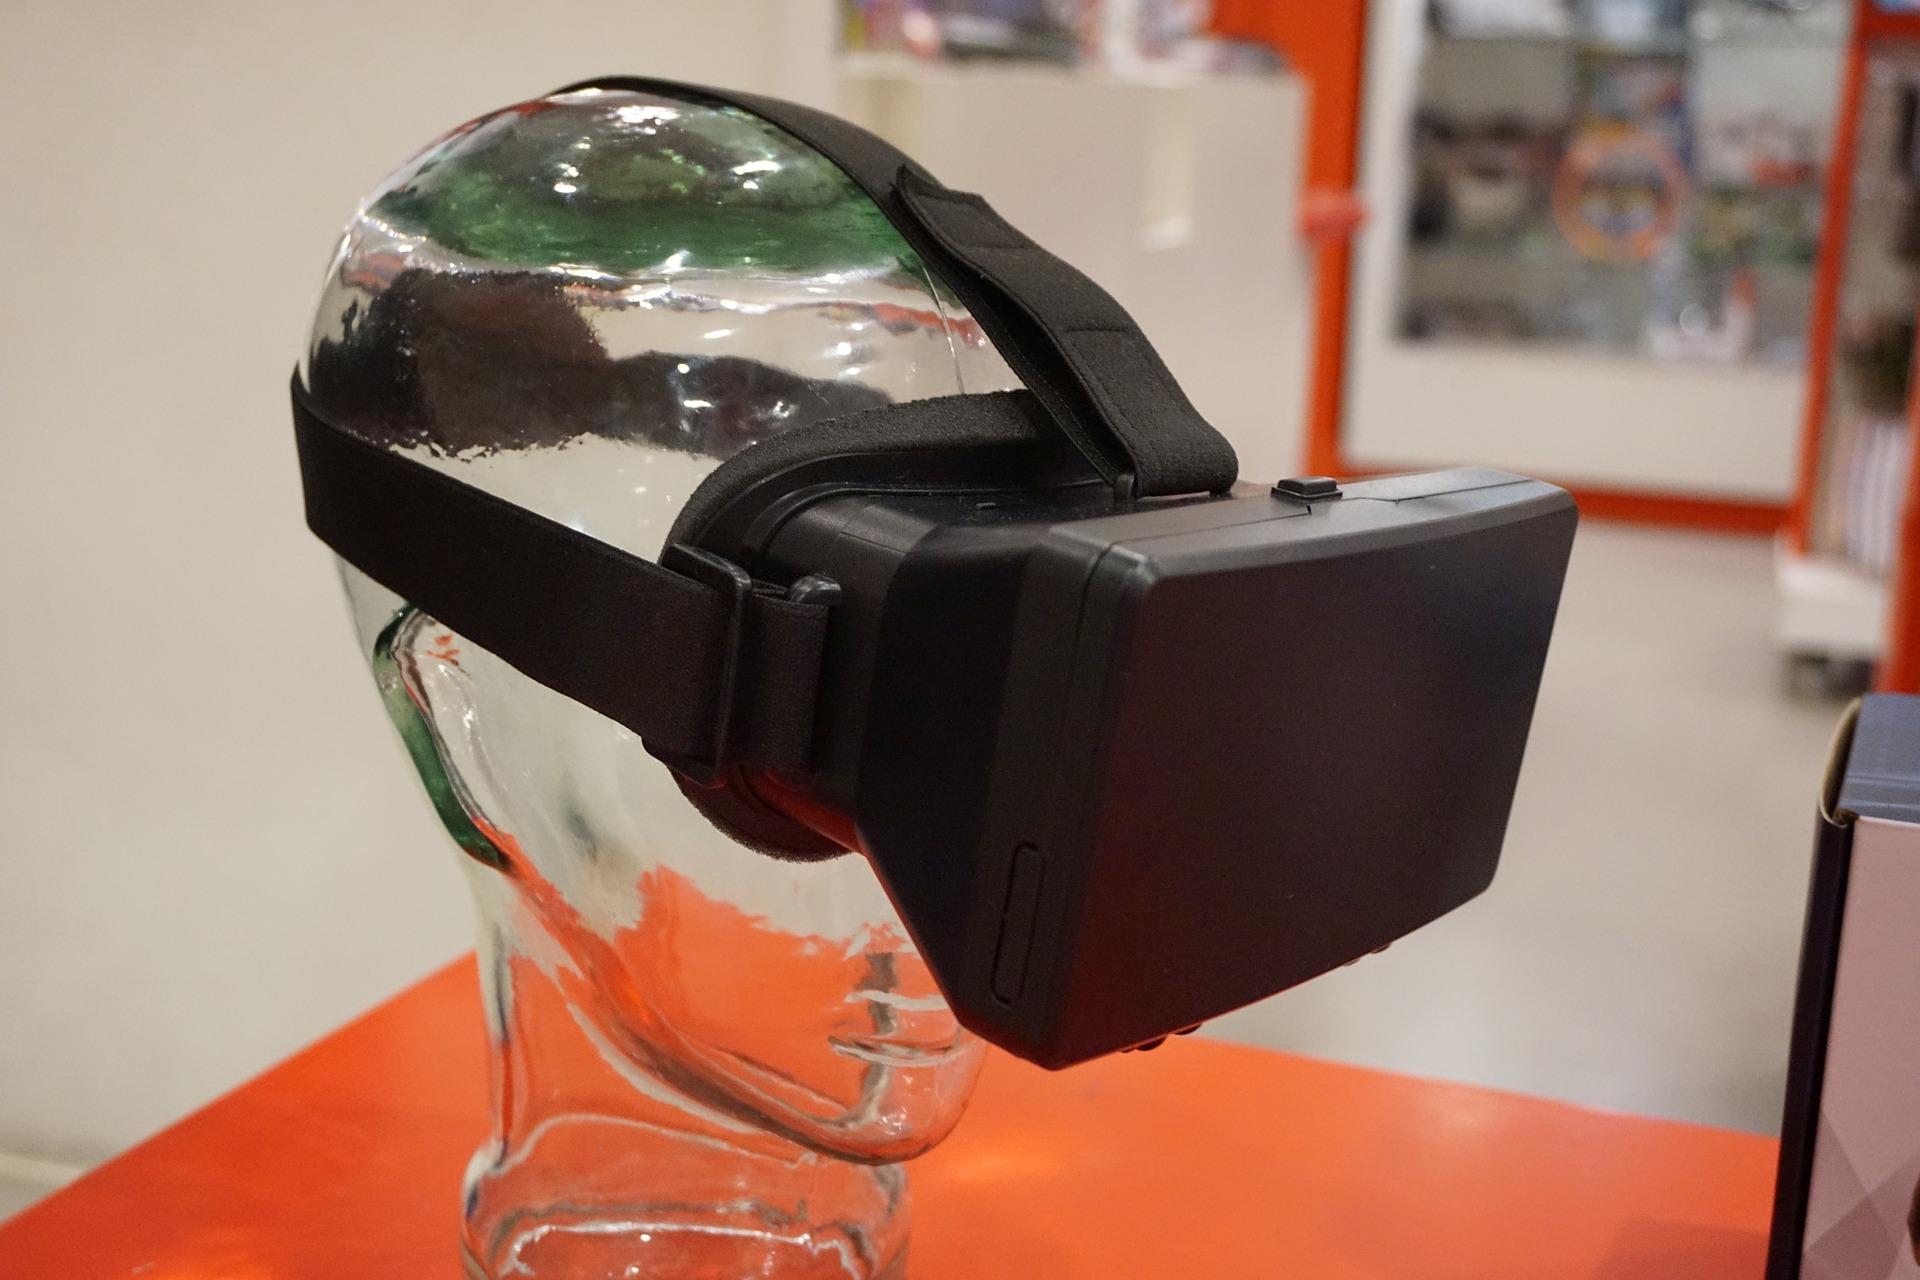 Imagem mostra um óculos VR vestido em um molde de cabeça.